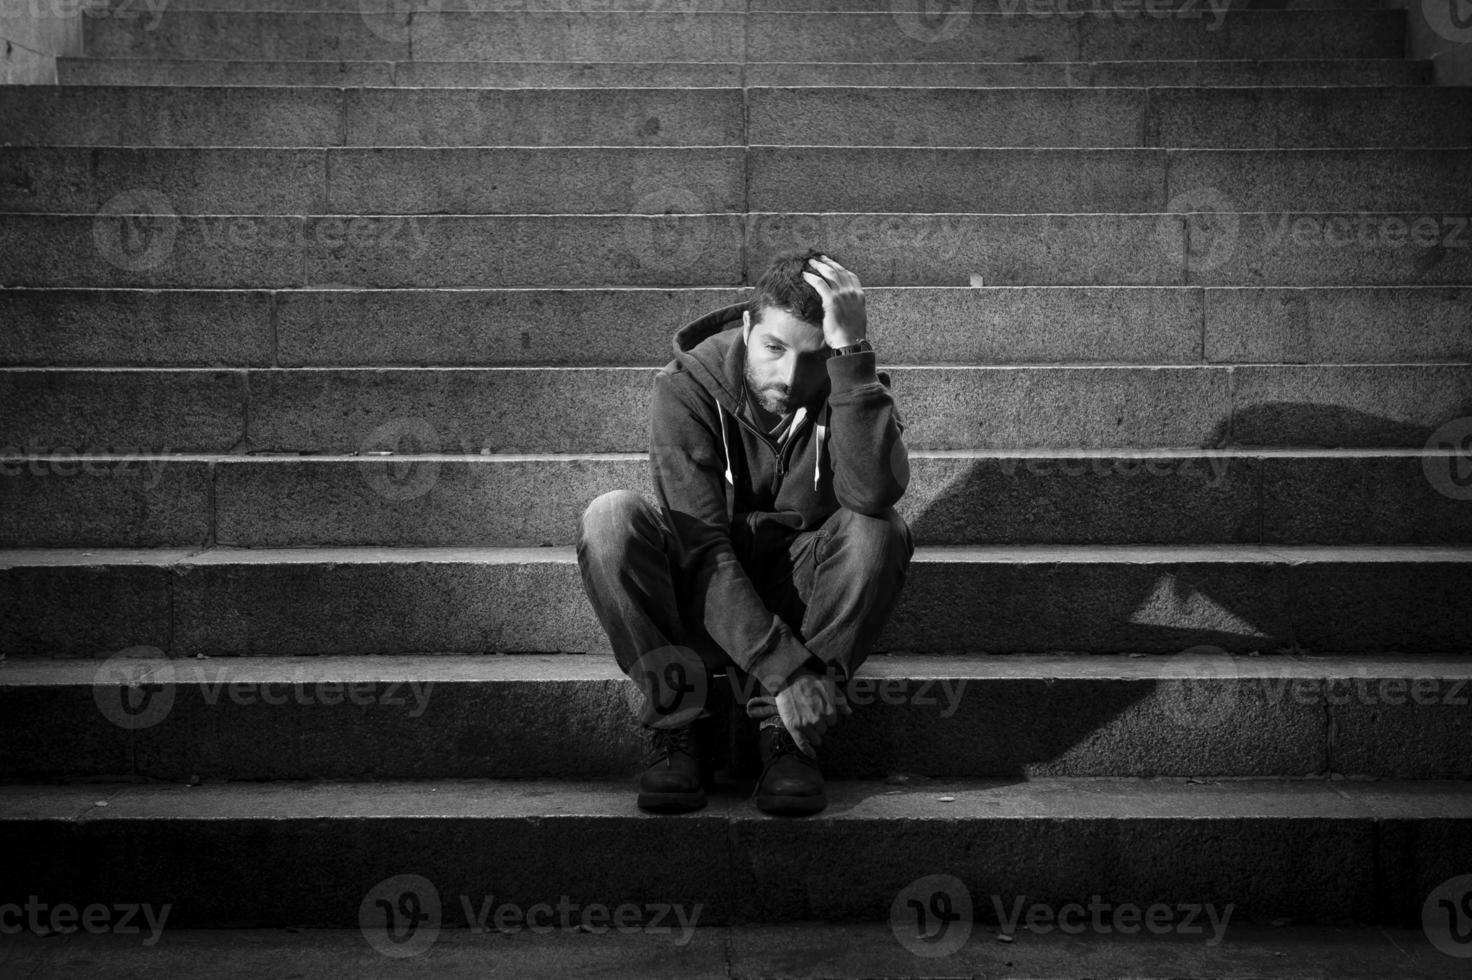 ung man lider av depression sitter på botten gatan betong trappor foto